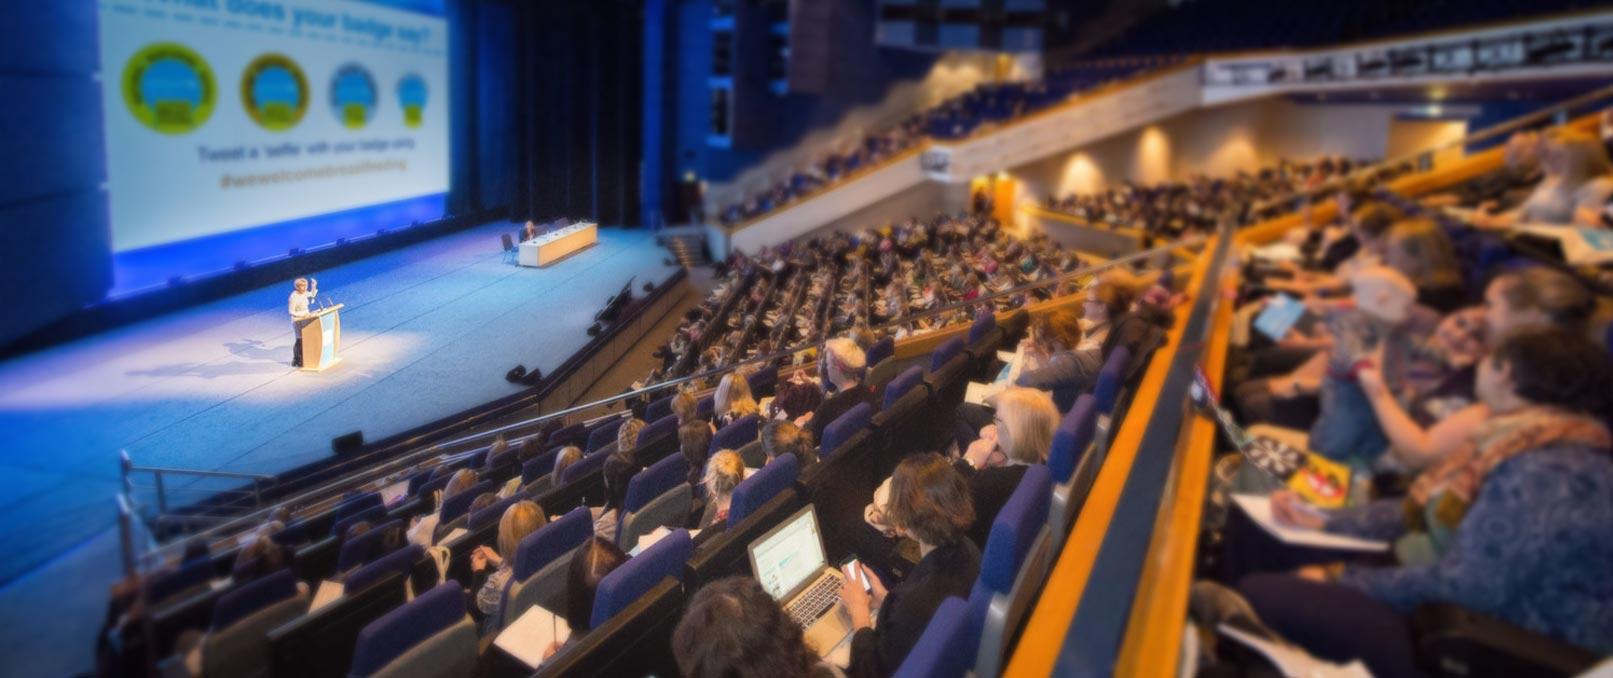 cpanel-conference-slider